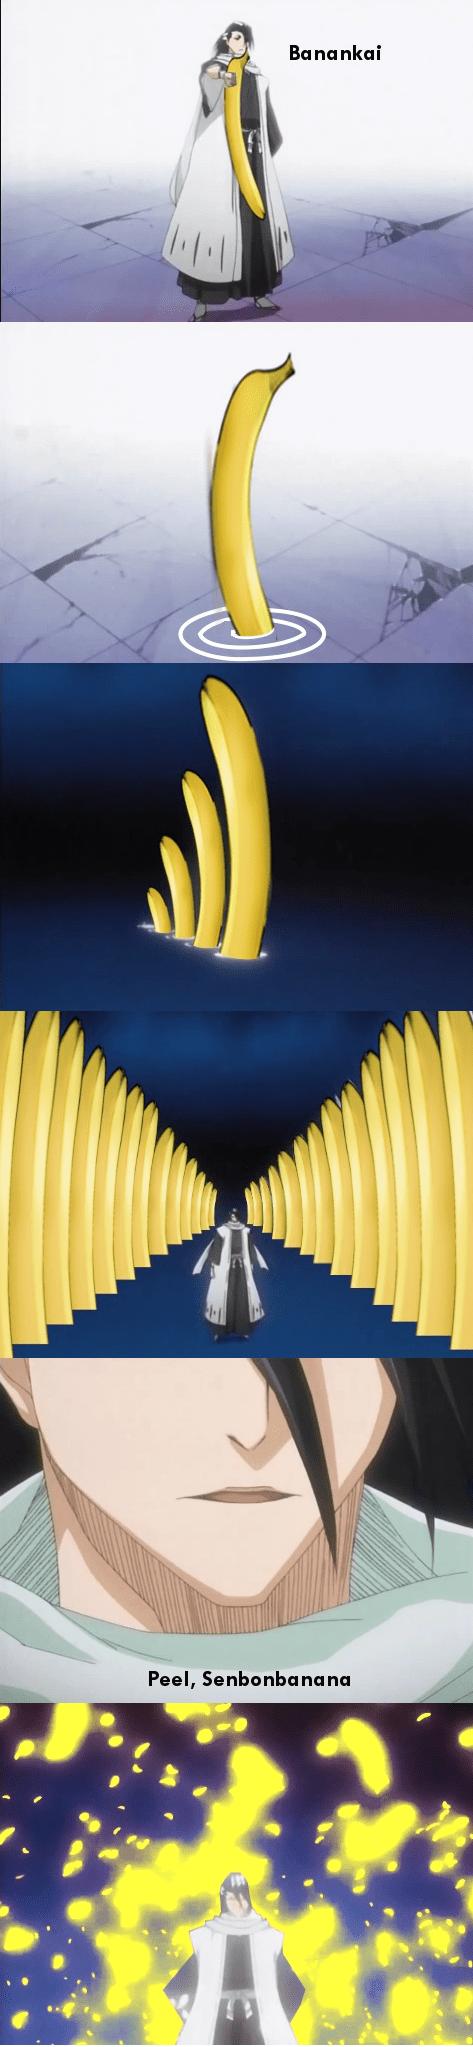 wtf anime bananas - 7930797312